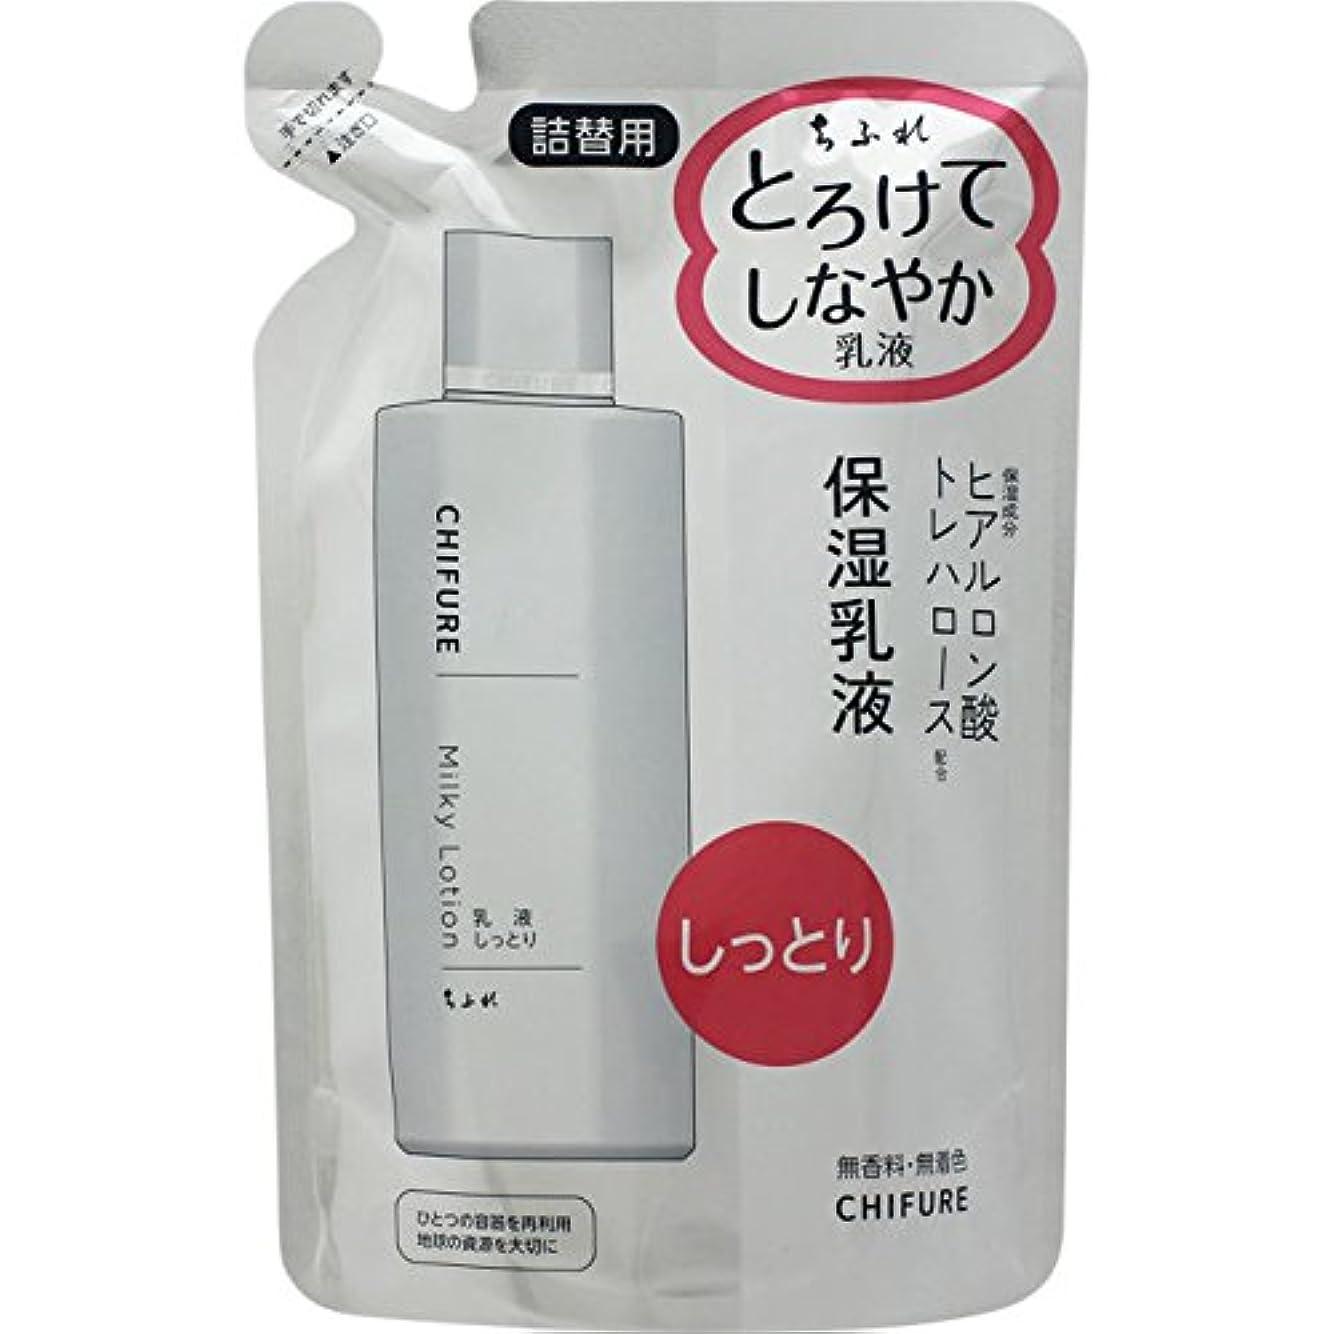 マニュアルフォーマル組立ちふれ化粧品 乳液しっとりタイプN詰替用 150ml 150ML